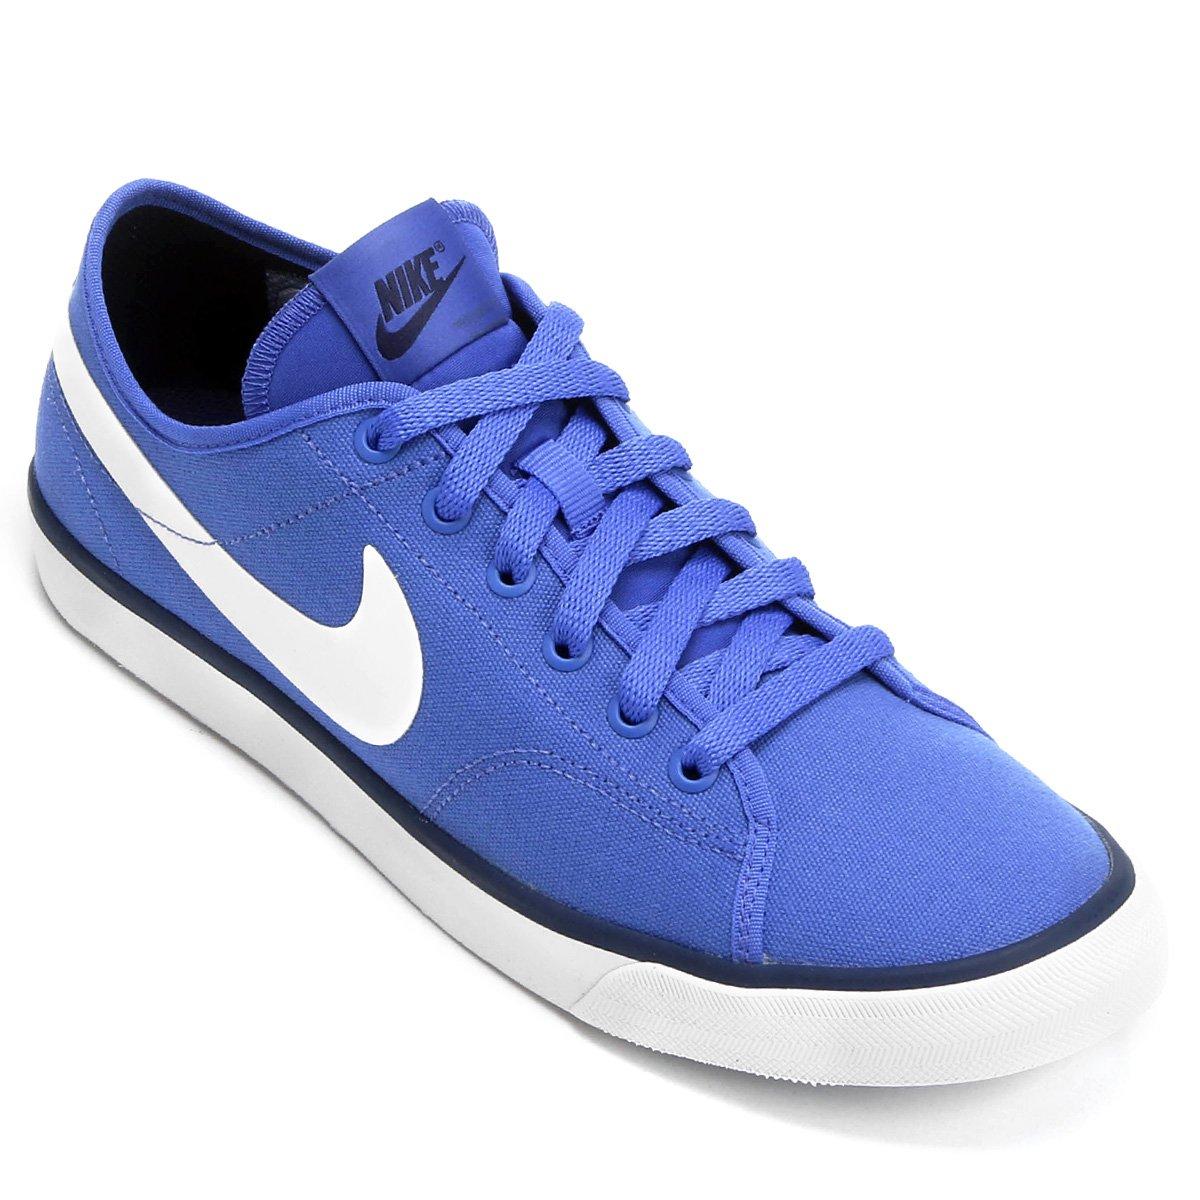 7c4c9145884 Tênis Nike Primo Court - Compre Agora